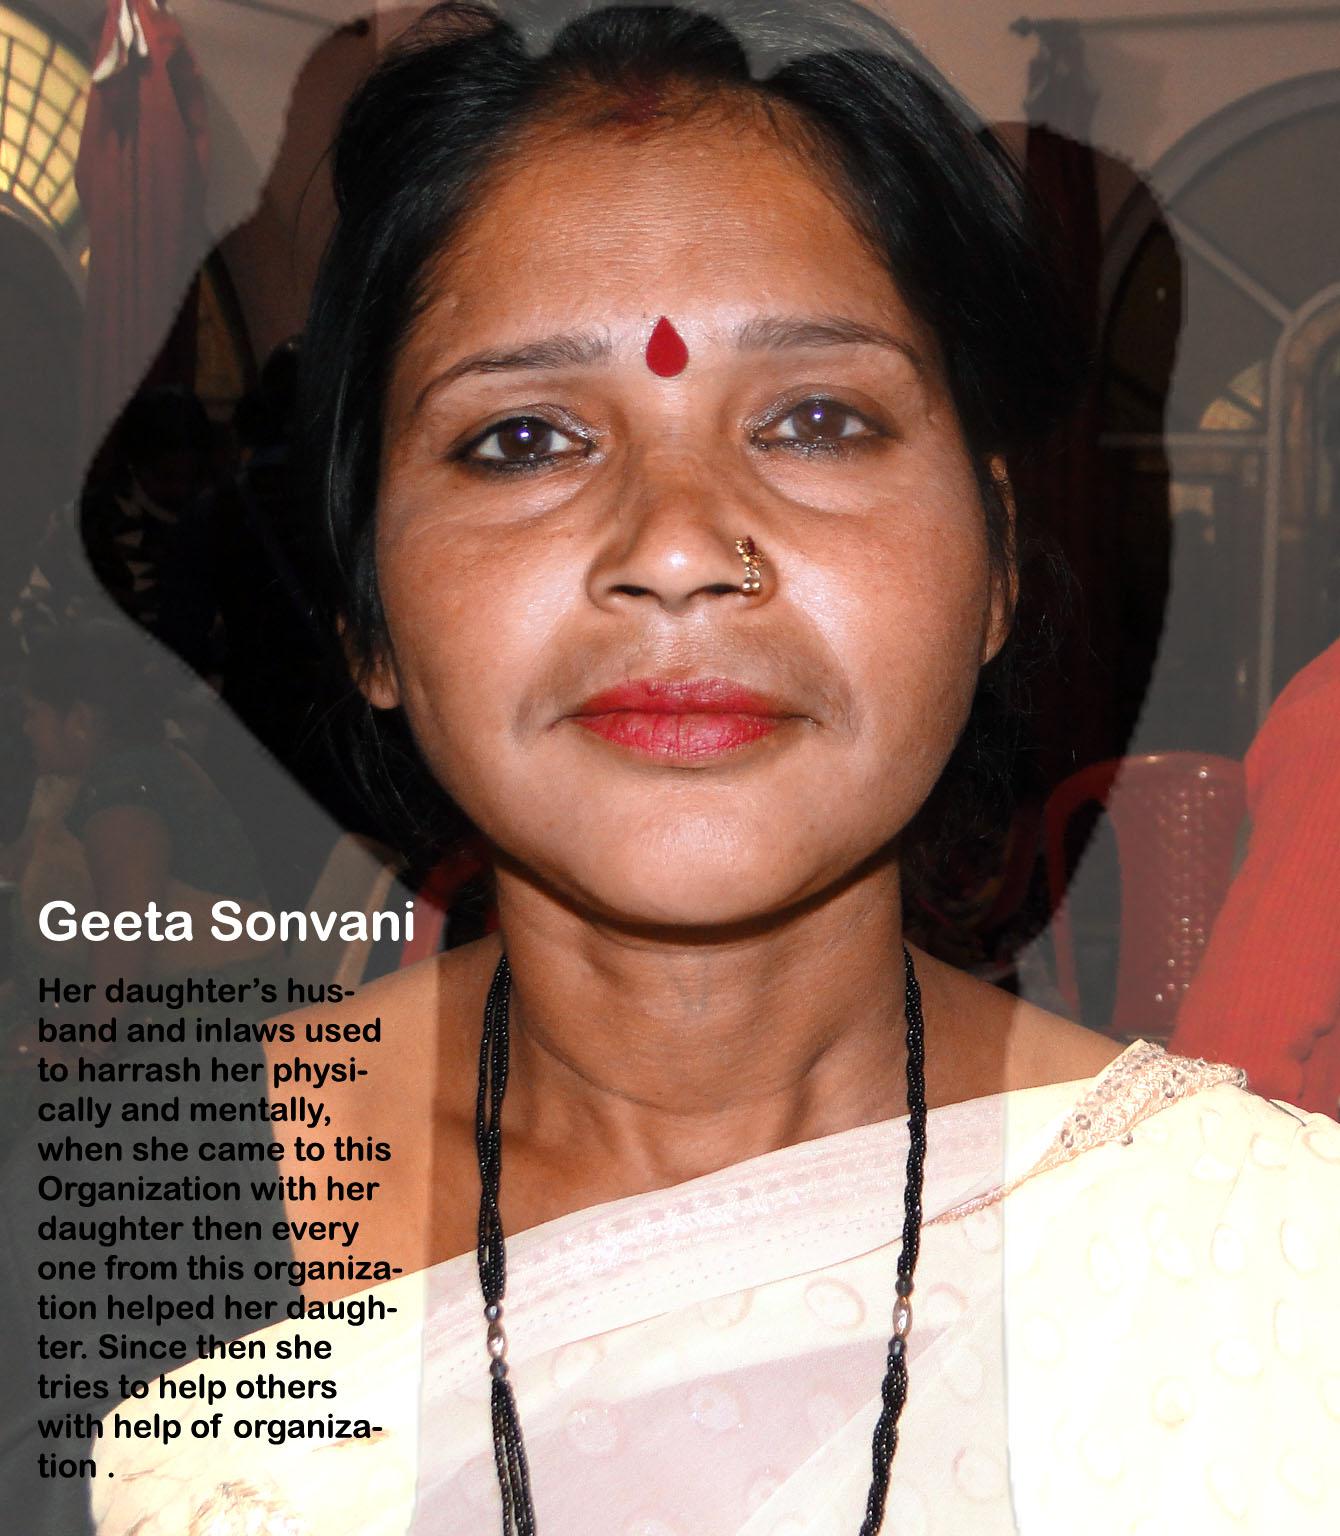 gita sonvani women human right defender--.jpg